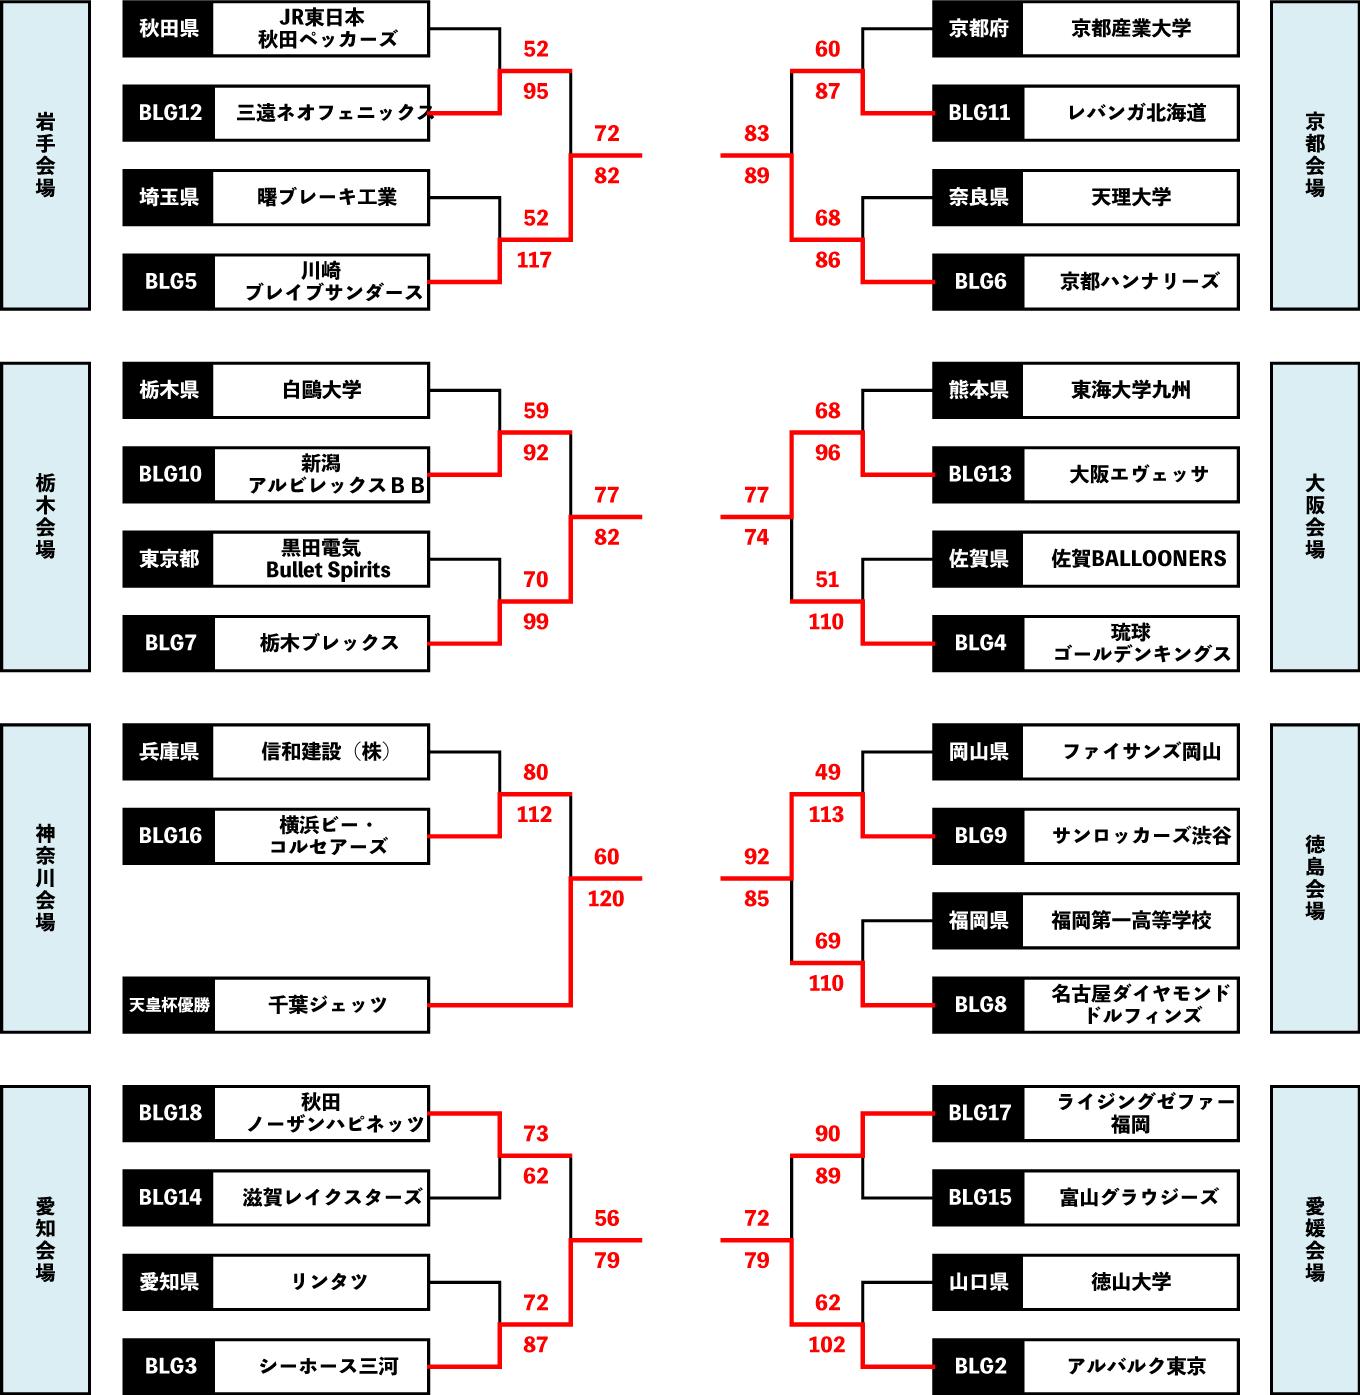 天皇杯 2次ラウンド トーナメント表